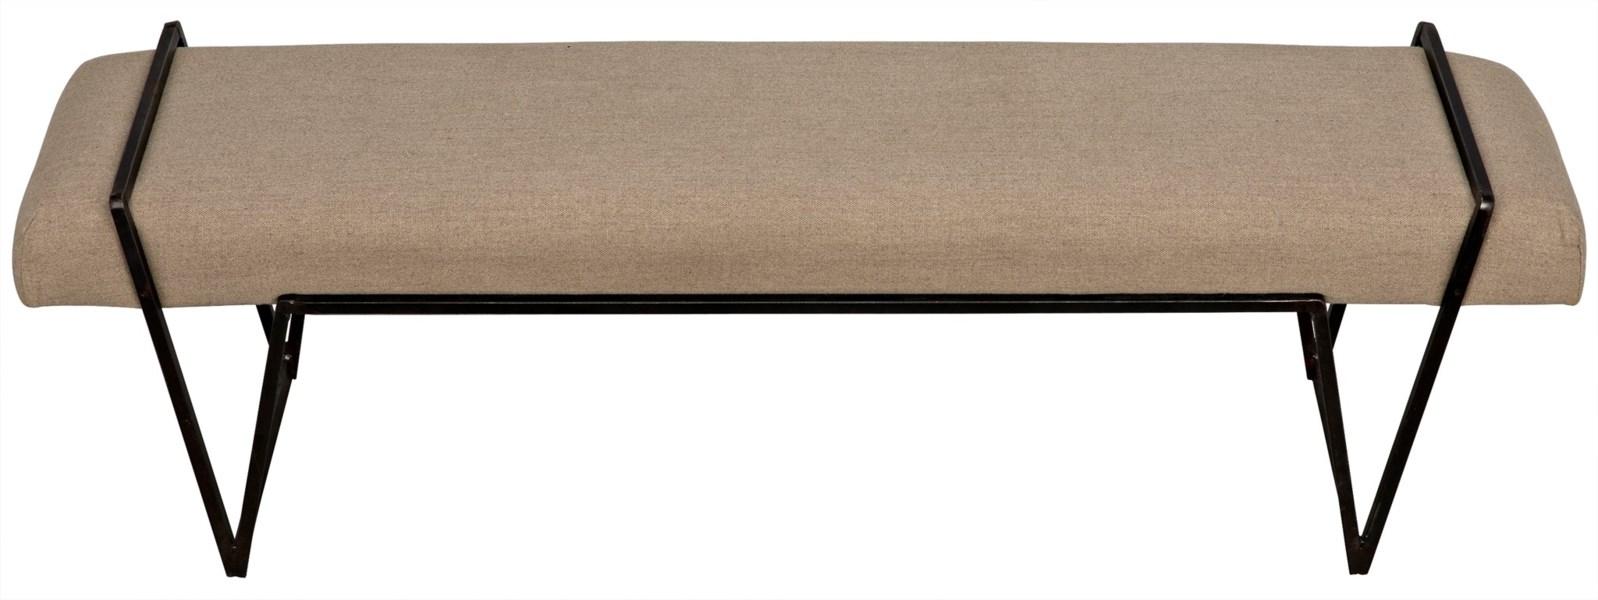 Larkin Bench, Metal with Linen